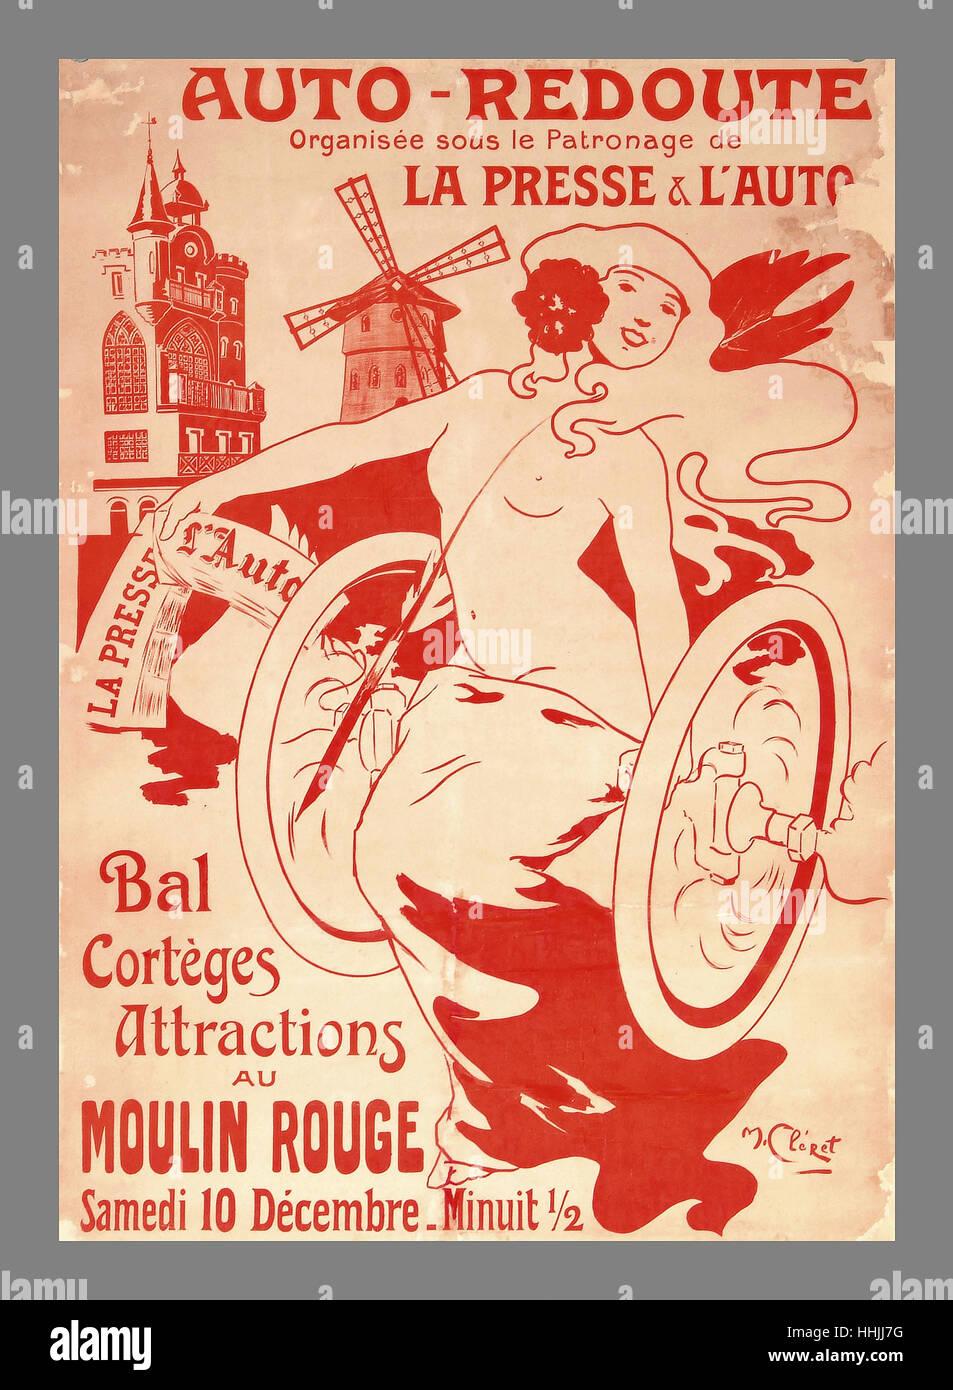 Voiture rétro Vintage Parade de danseurs et d'attractions touristiques de l'affiche du Moulin Rouge Photo Stock